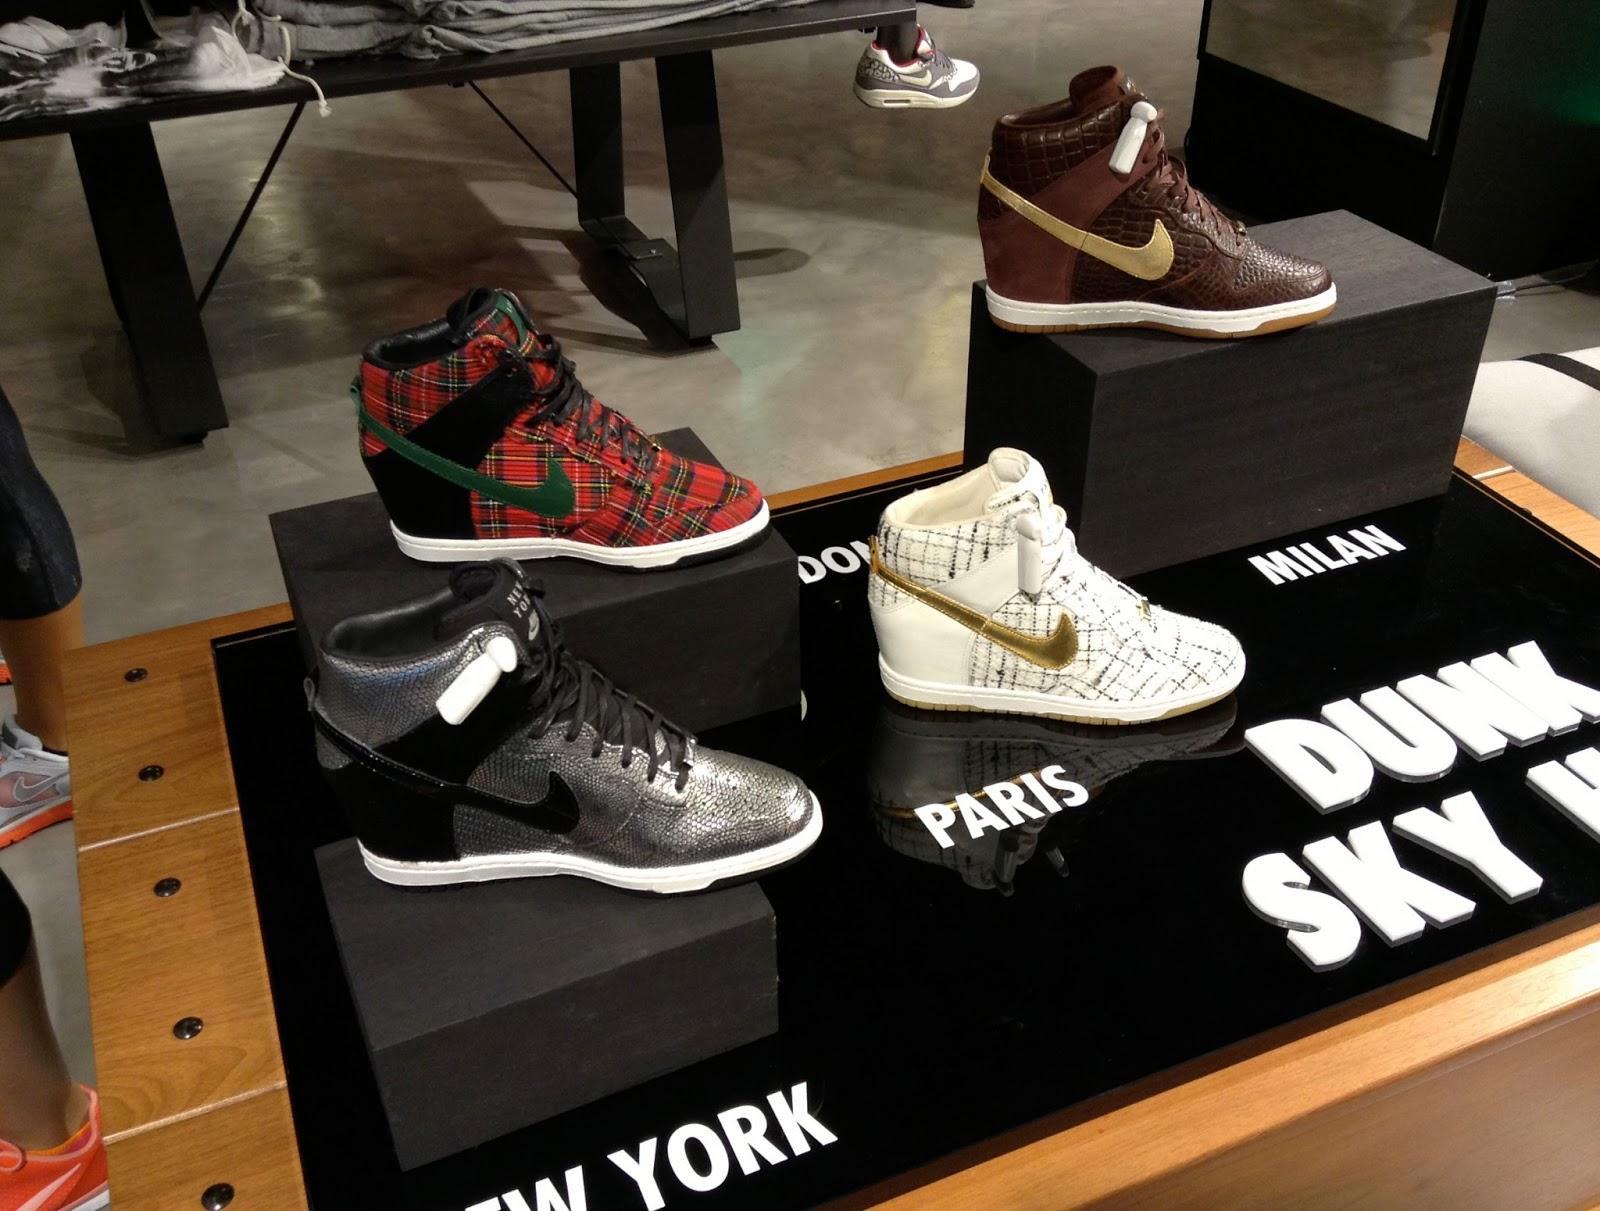 dcc0fd43baa Tienda De Zapatillas En Lima Compartirsantillana Santillana Nike Yybf7g6